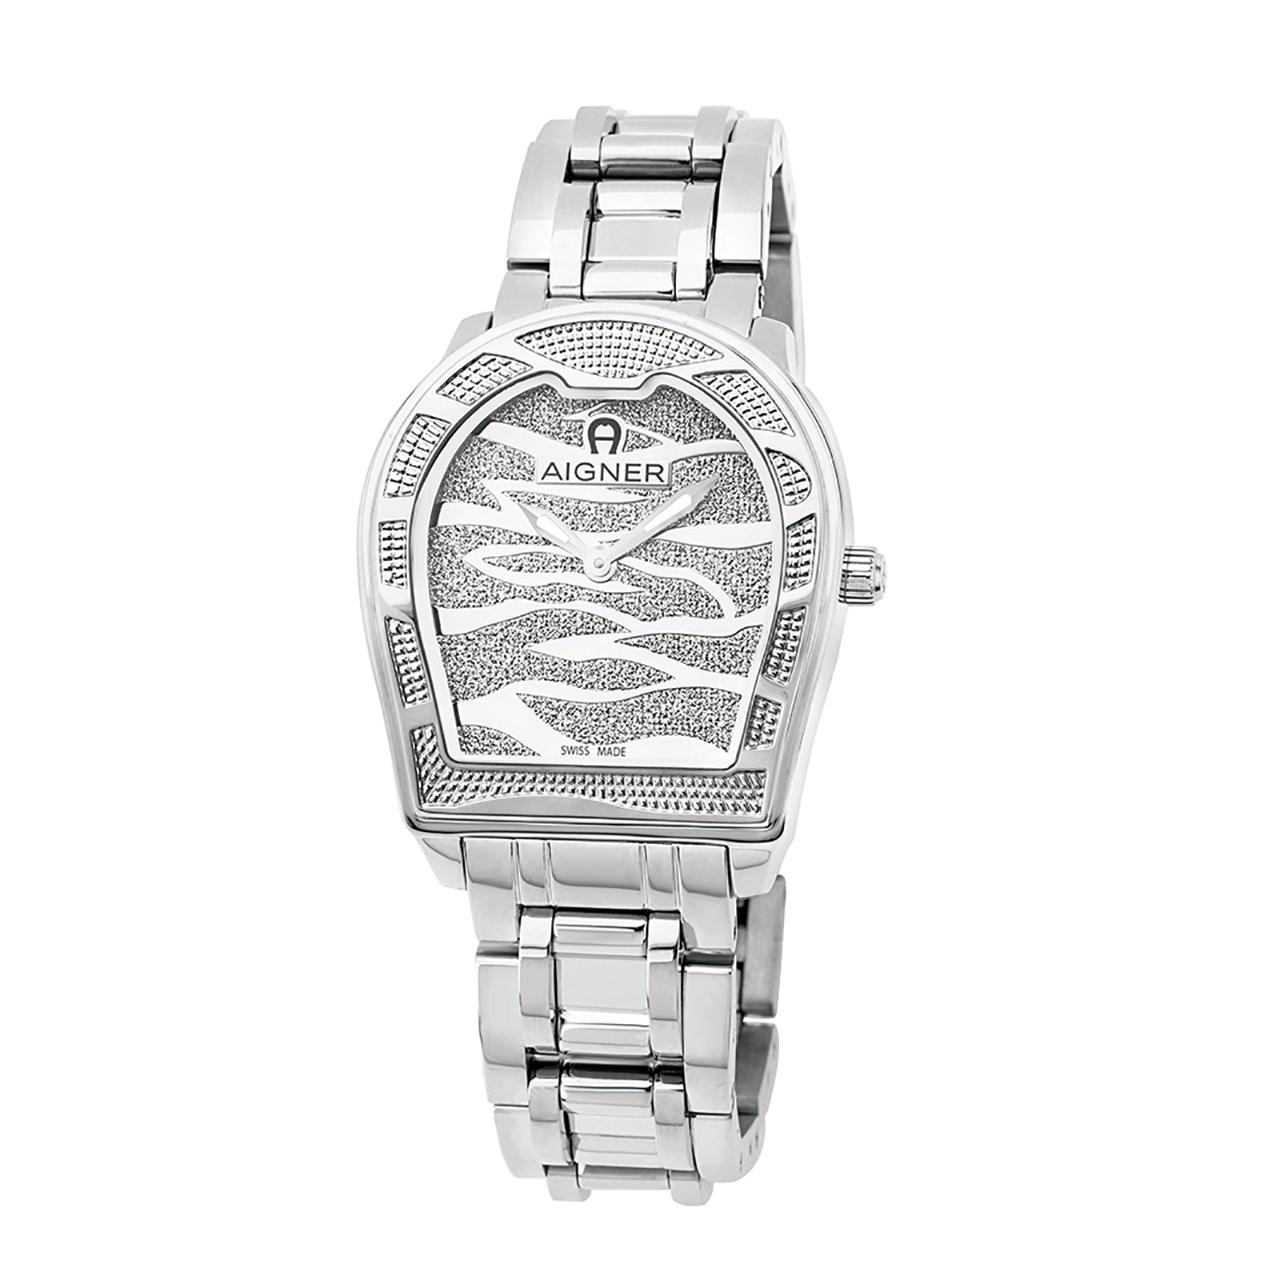 خرید ساعت مچی عقربه ای زنانه اگنر مدل A48156